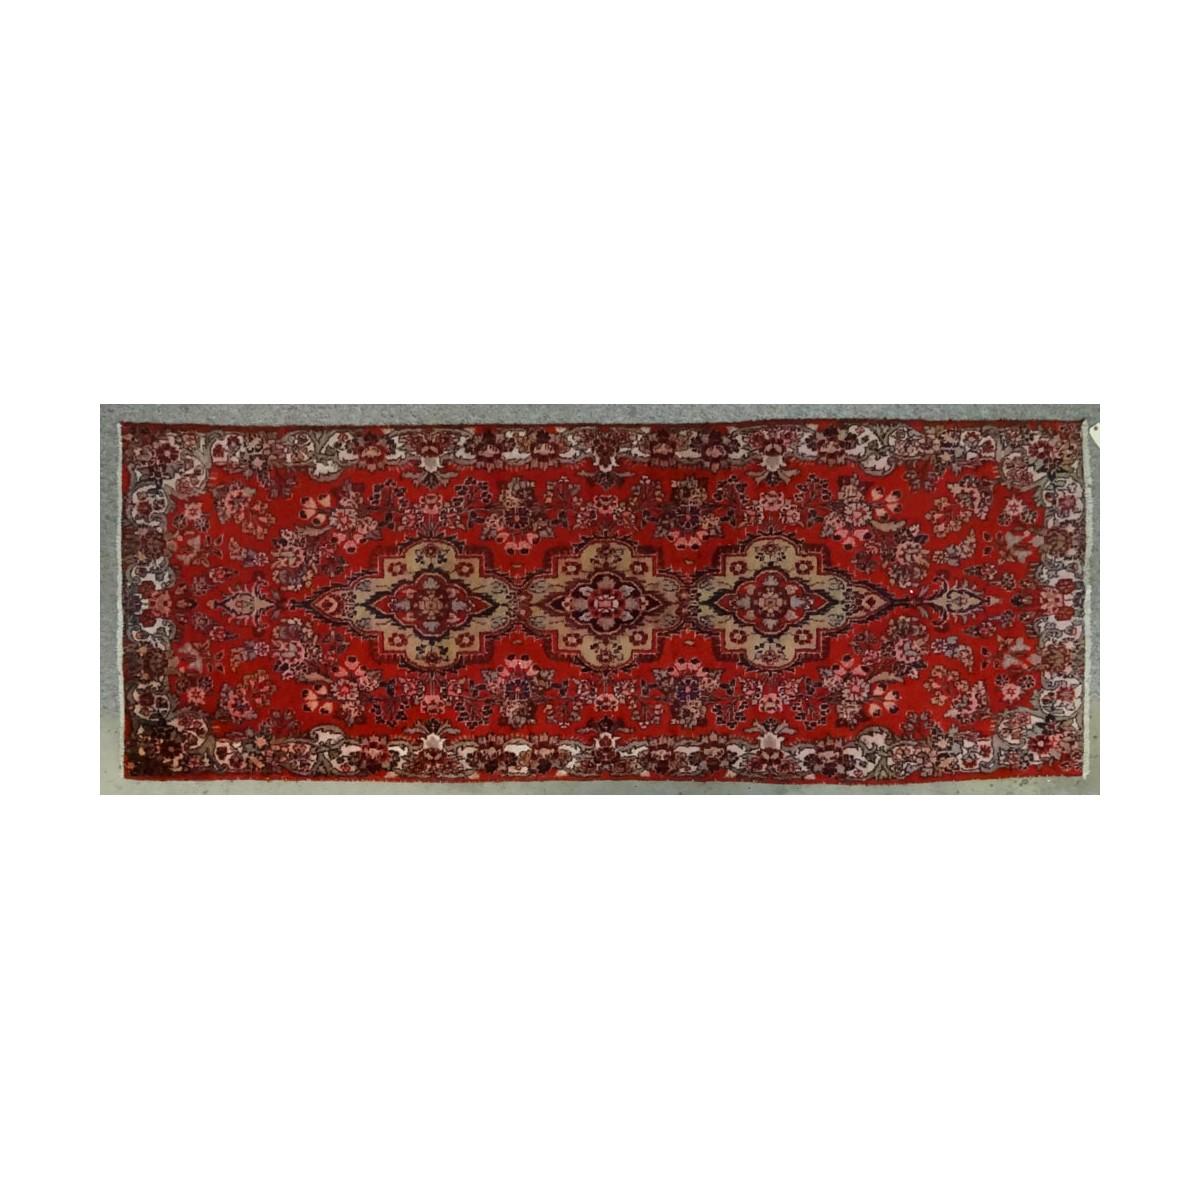 Lot 73 - Persian Hamadan Rug